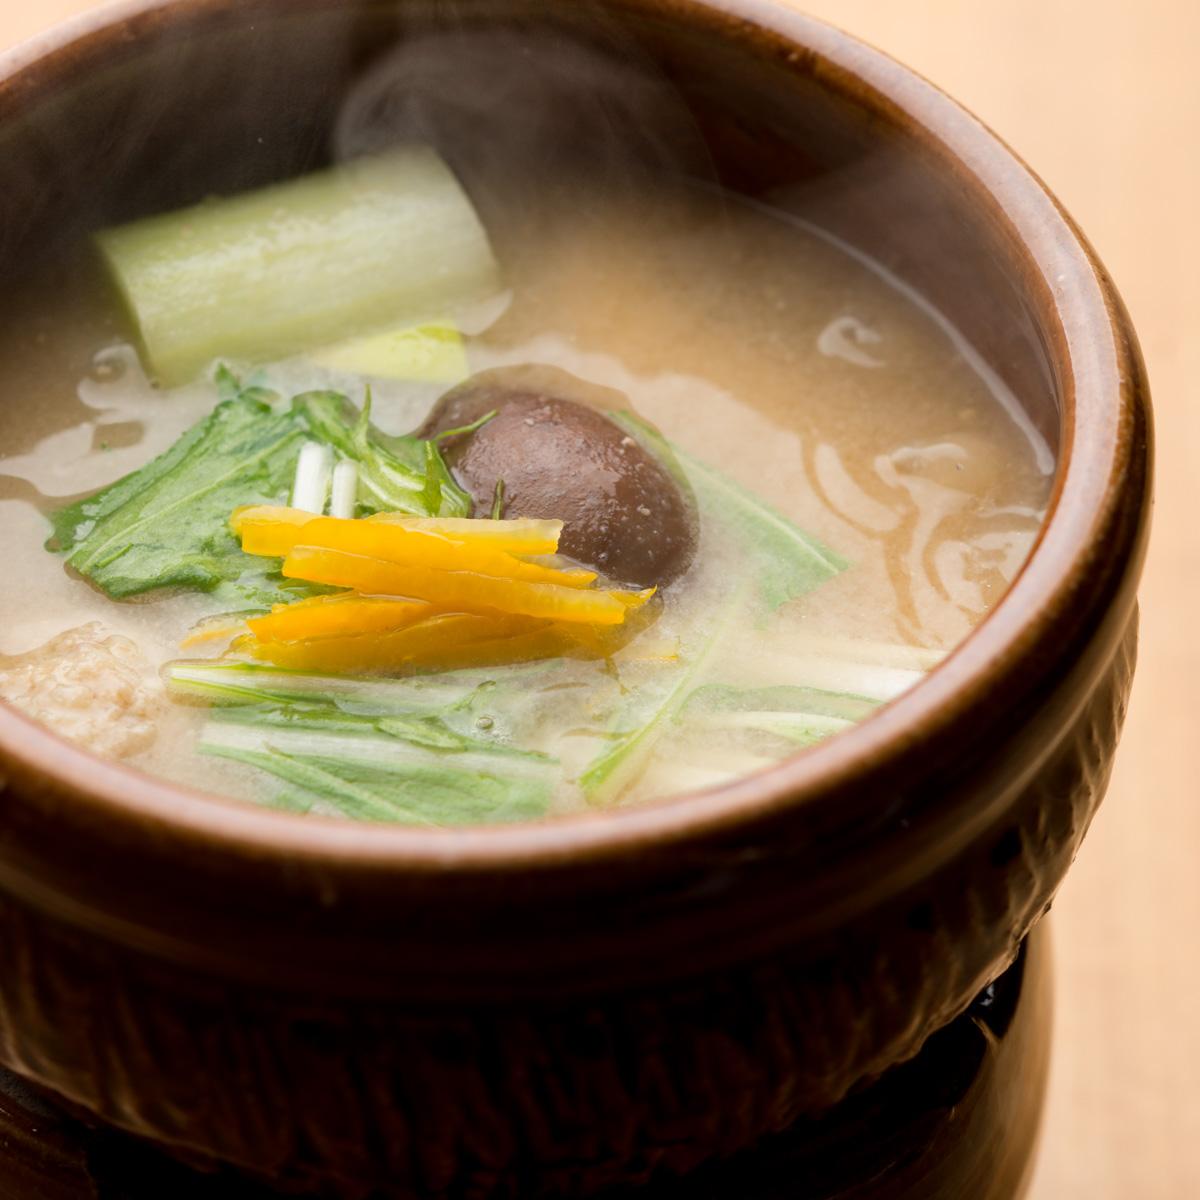 煮物|鰤と冬野菜の小鍋仕立て